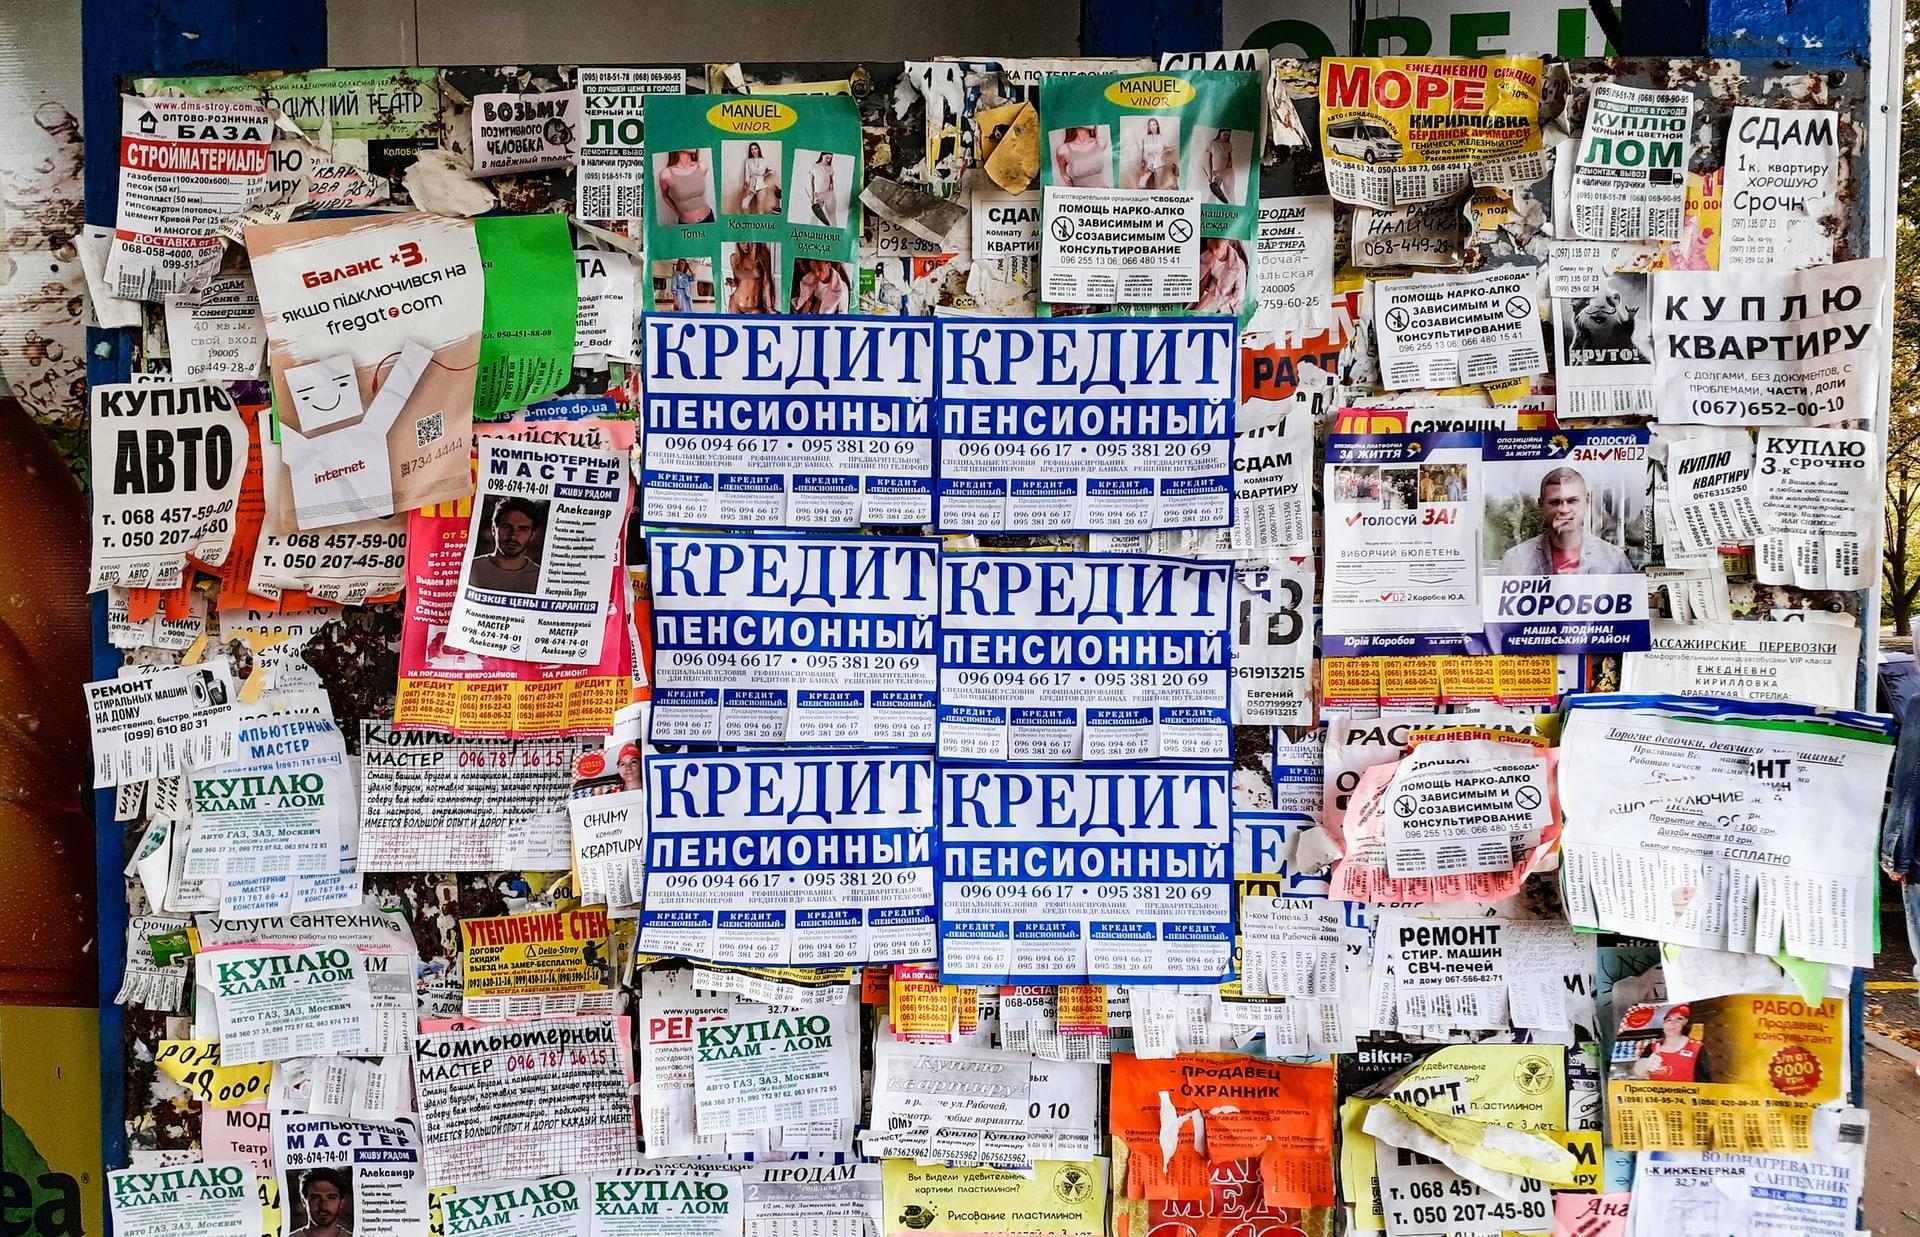 Бизнесу и жителям Тверской области реструктурировано кредитов на 9млрд рублей - новости Афанасий